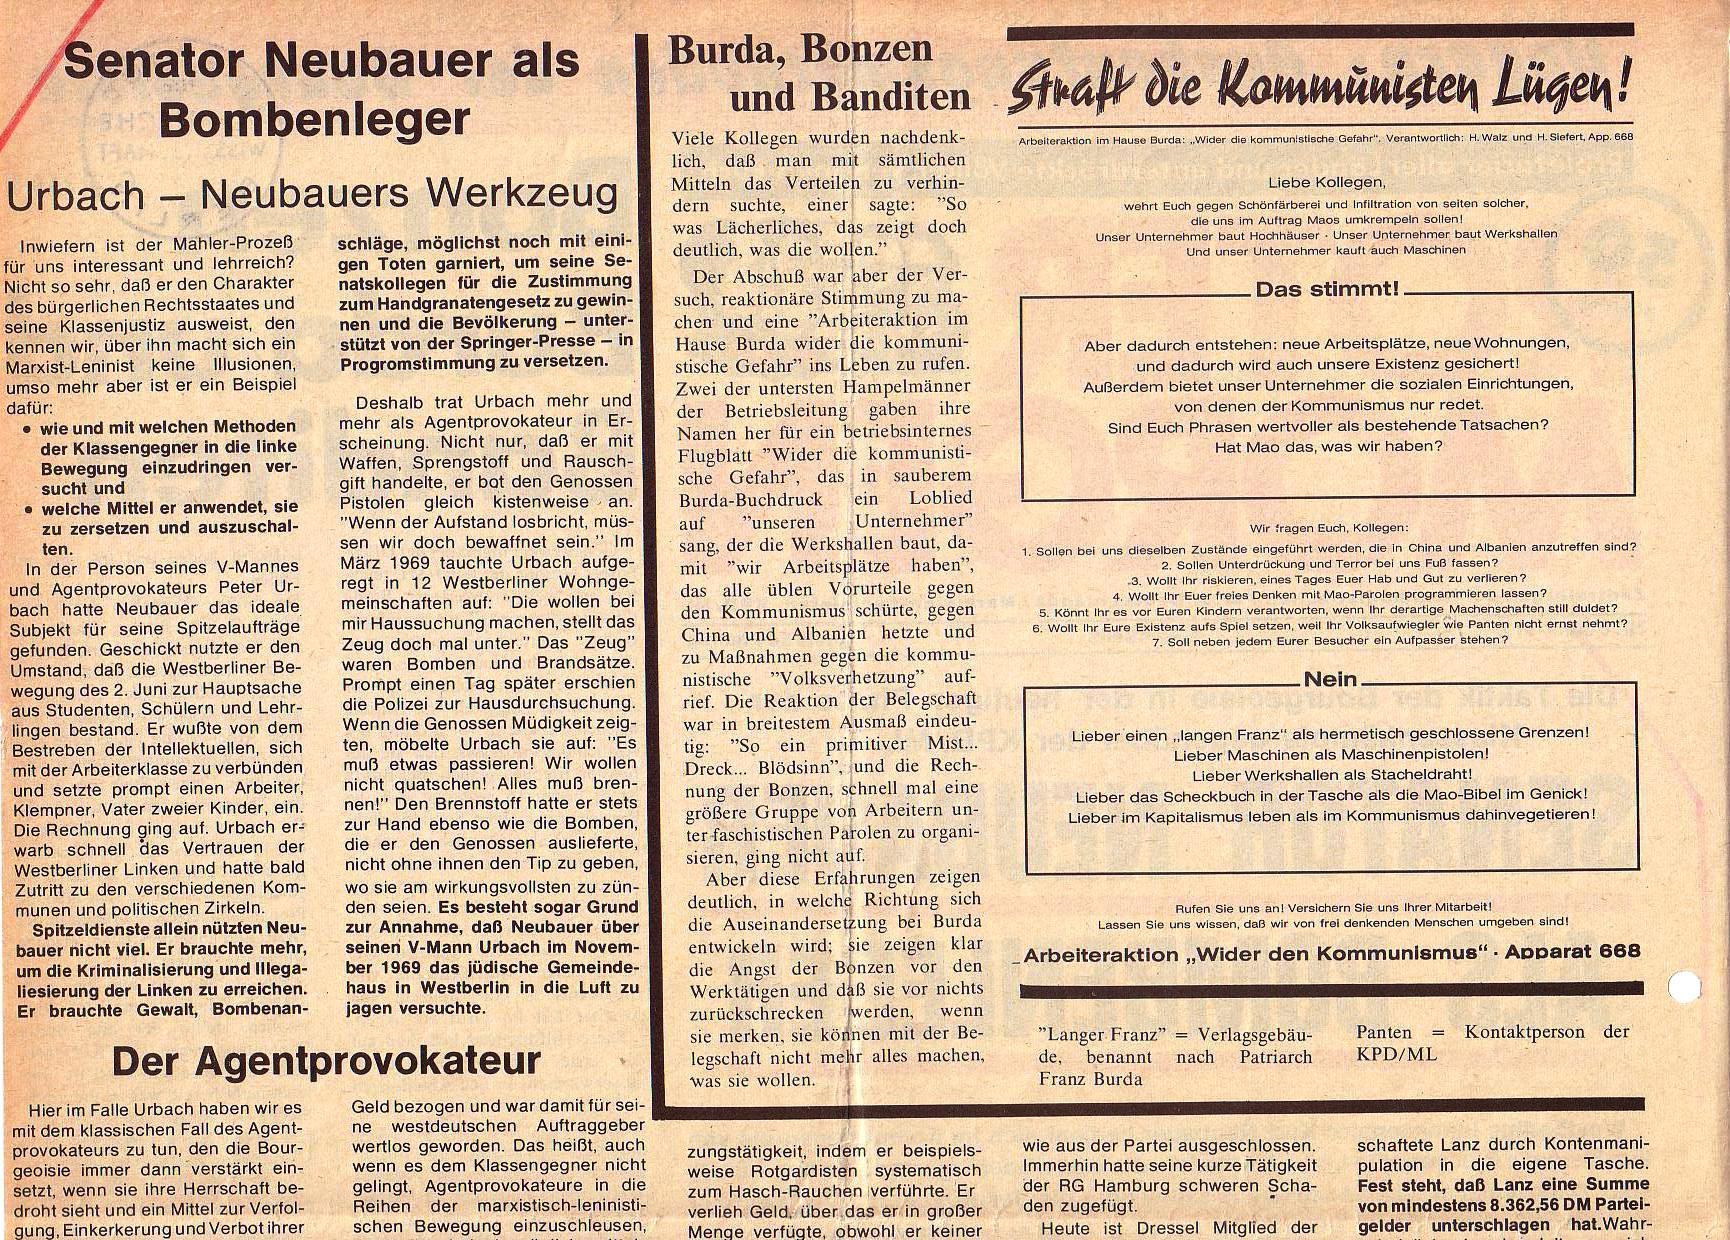 Roter Morgen, 5. Jg., Juni 1971, Nr. 6, Seite 2a